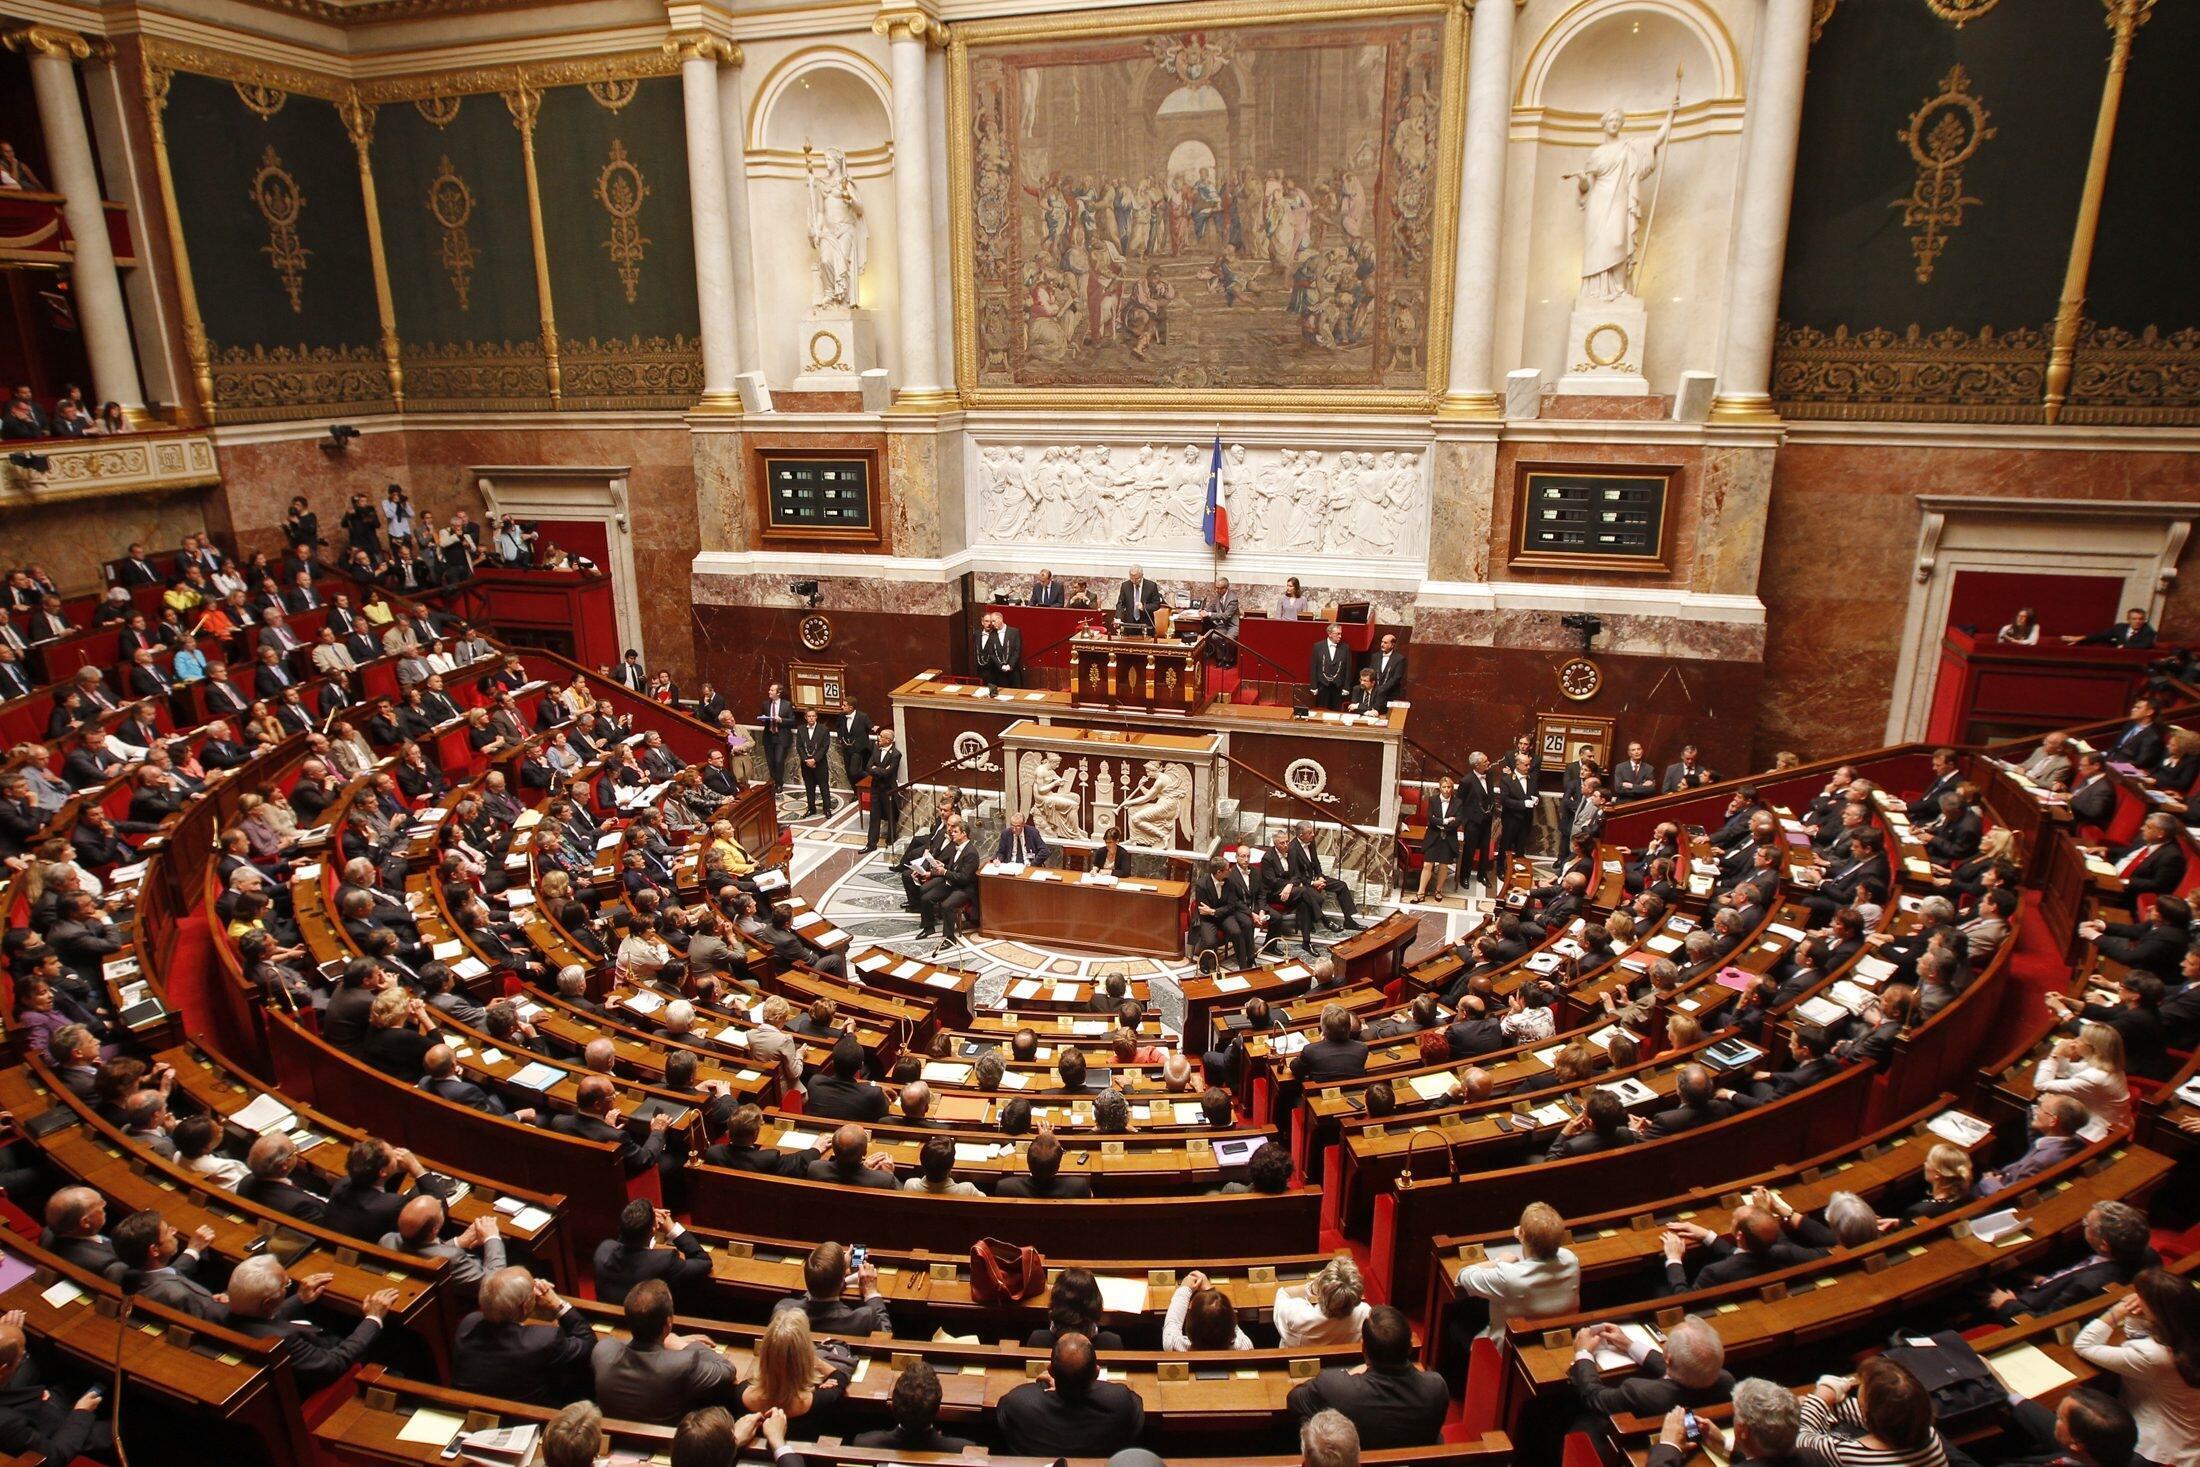 La Asamblea Nacional está conformada por 577 diputados.